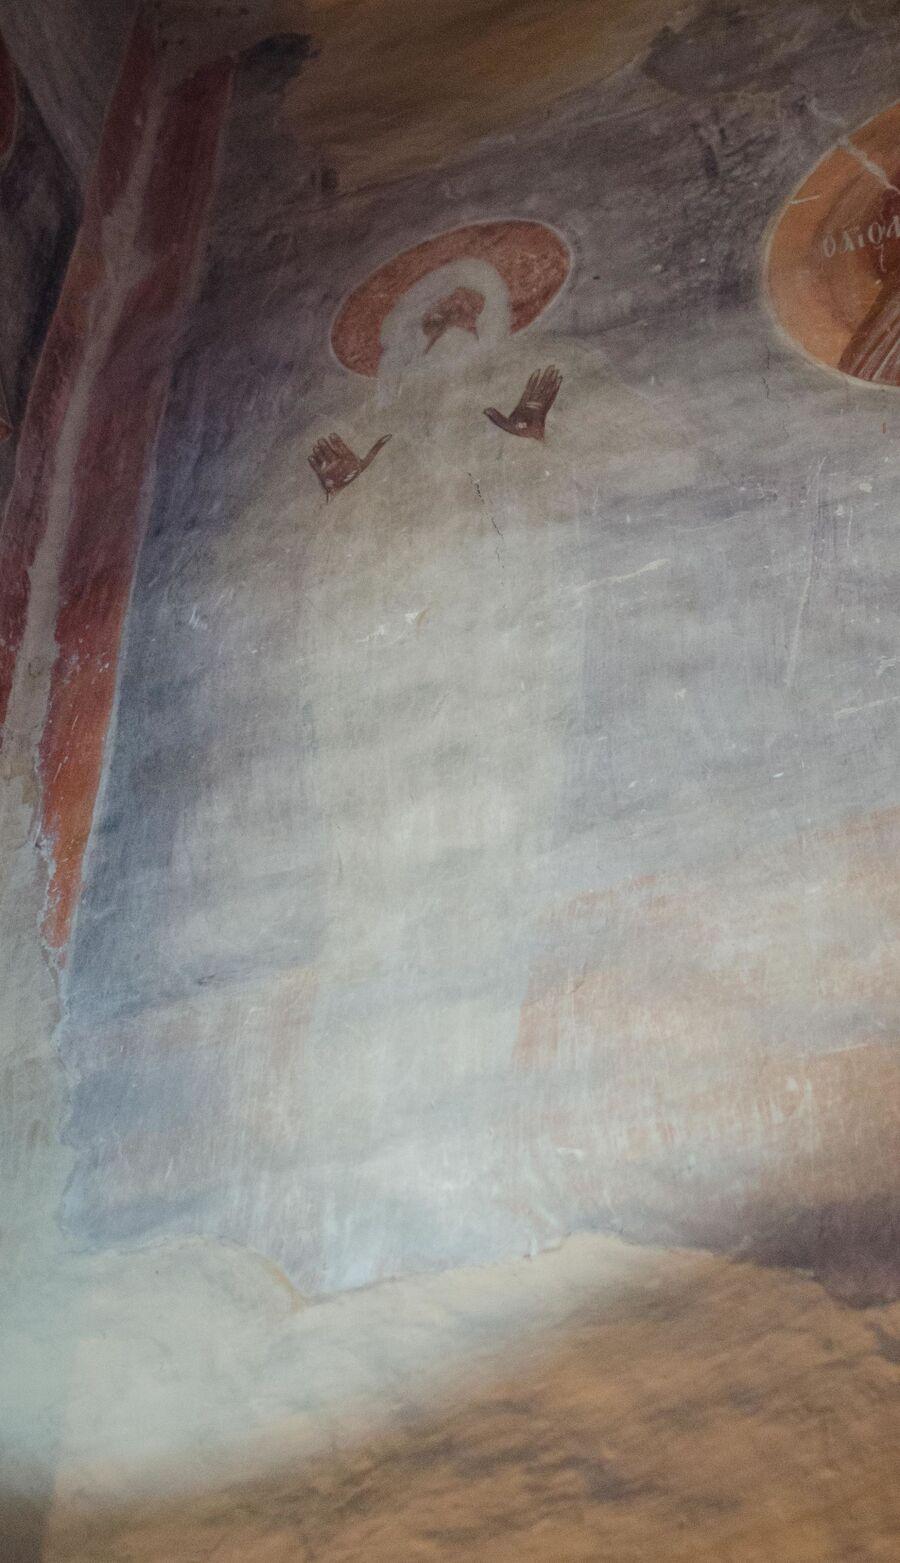 Святой Макарий Египетский, западная стена Троицкой каморы, фреска Феофана Грека.